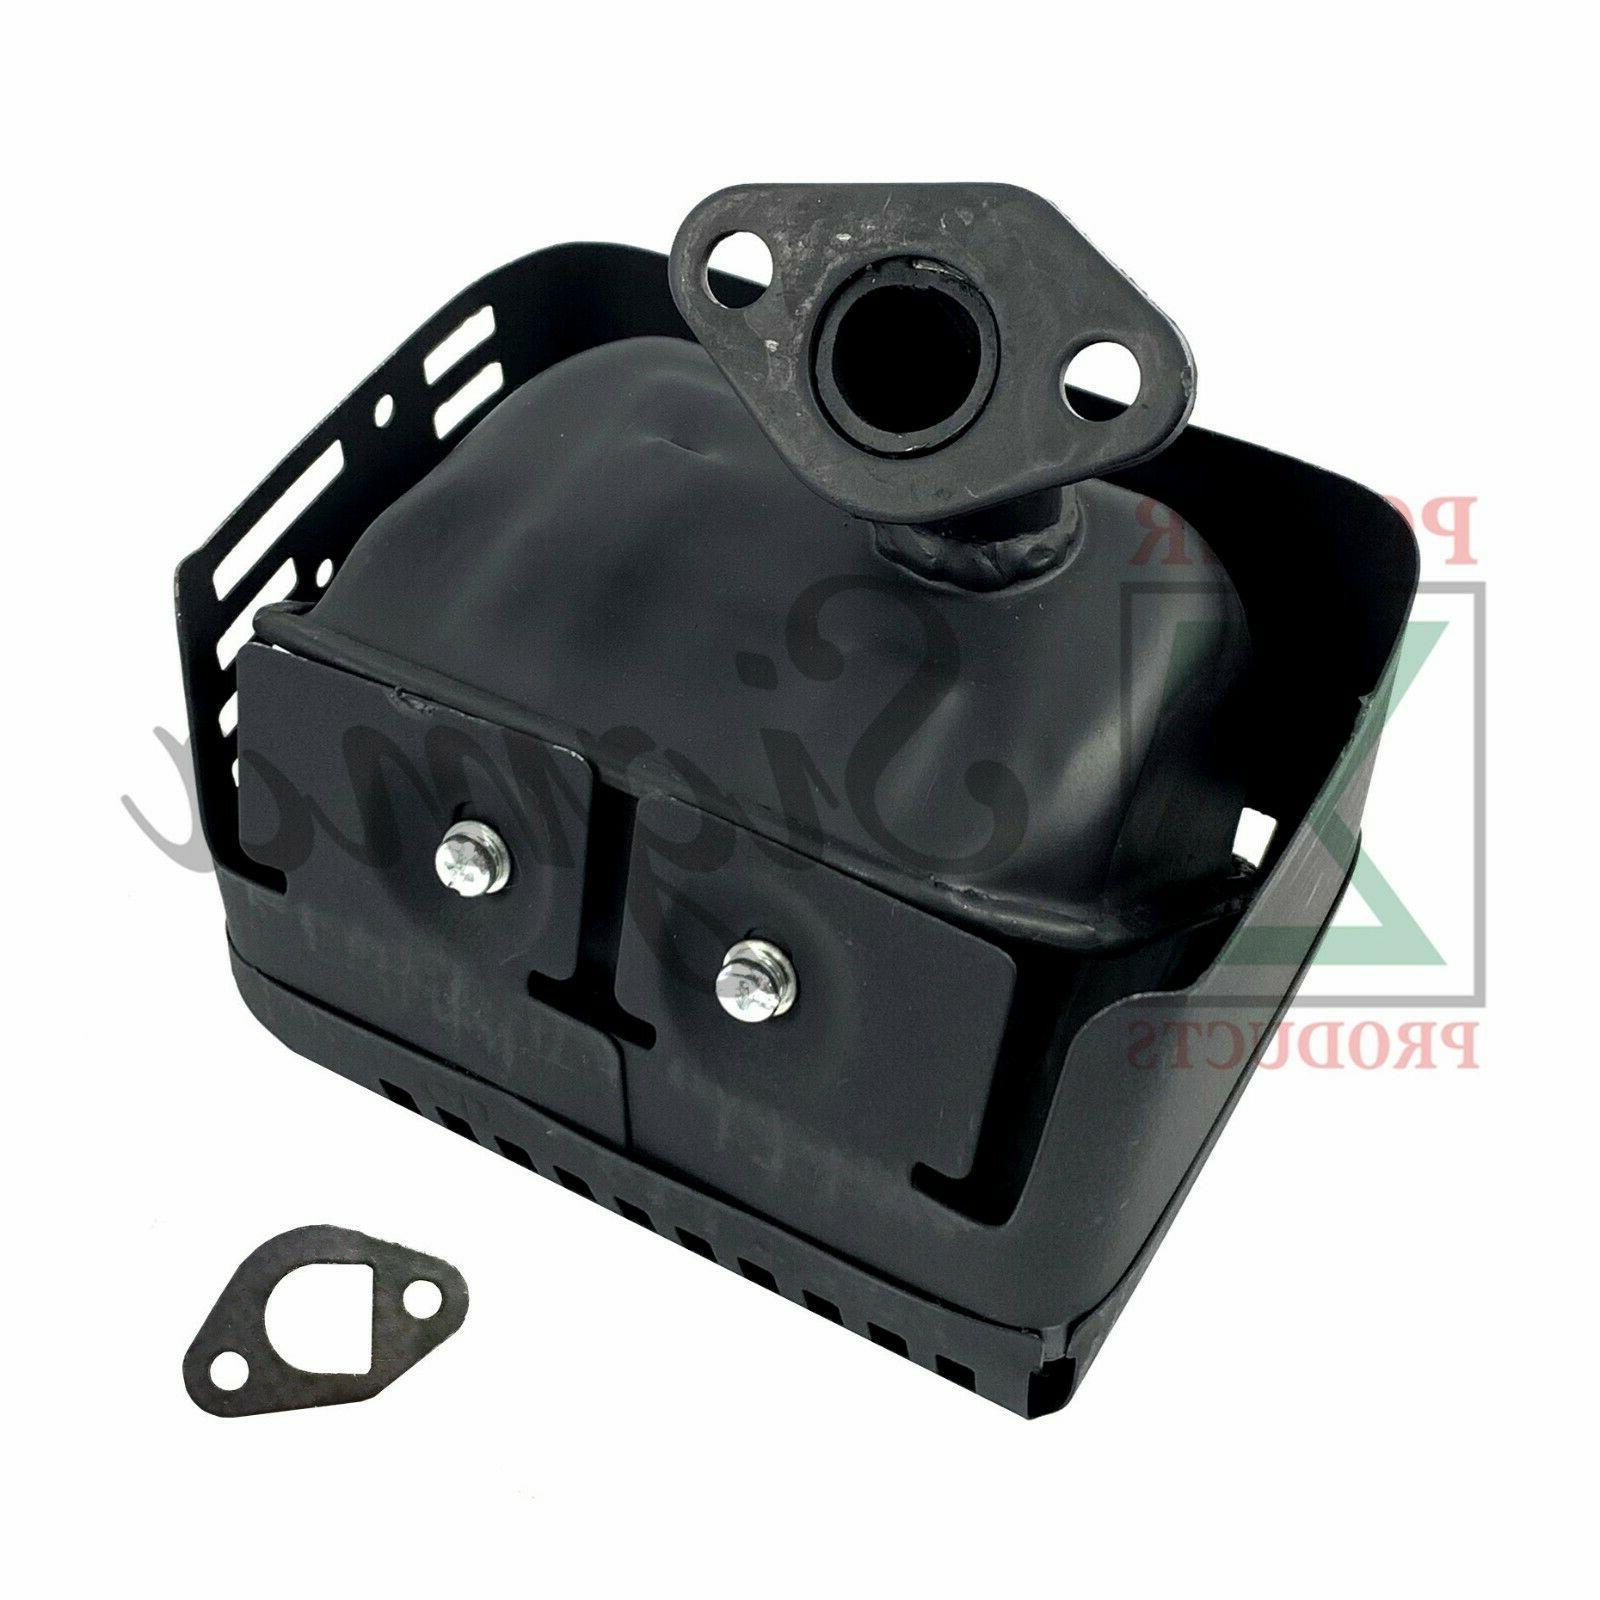 Exhaust Muffler Shield Honda